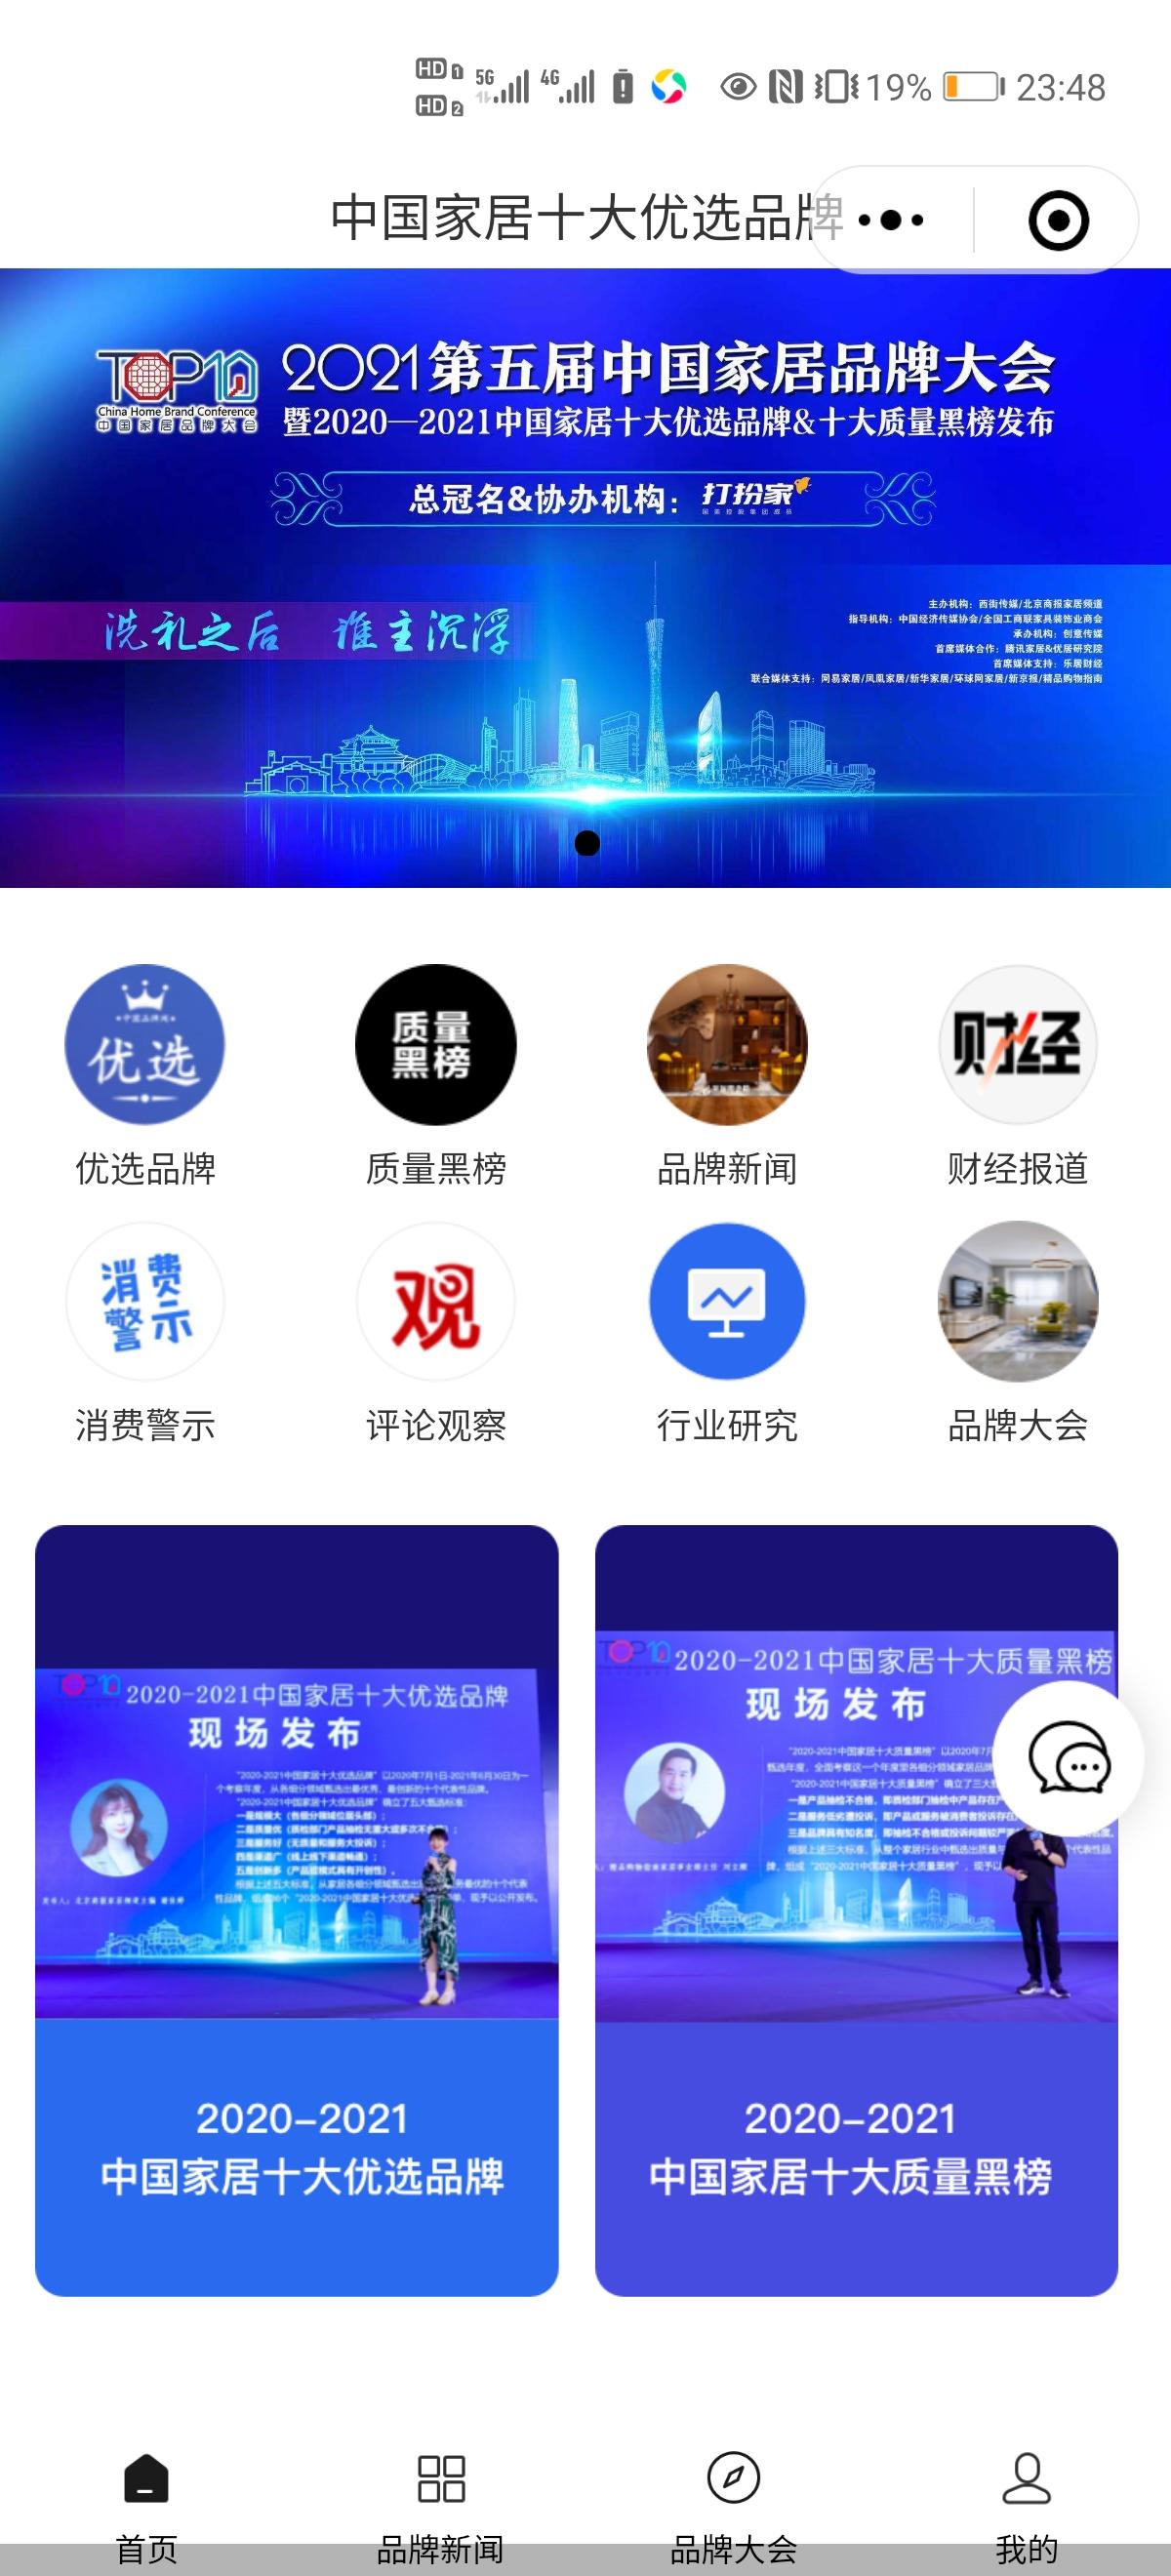 中国家居十大优选品牌小程序上线,展示家居行业动态